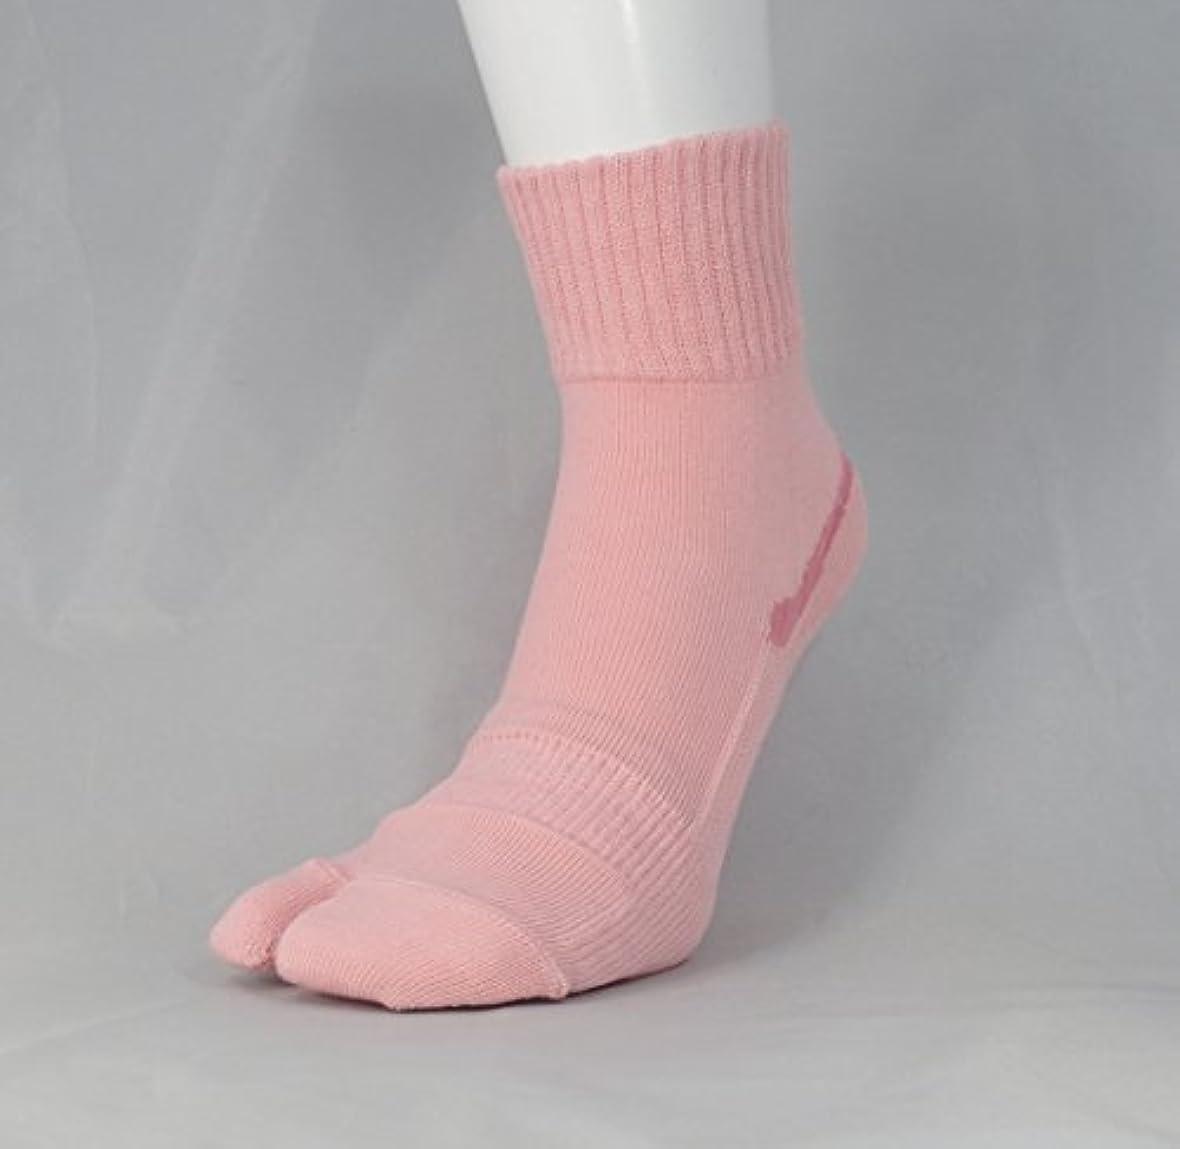 隠された最小化するコンプリート【あしサポ】履くだけで足がラクにひらく靴下 外反母趾に (Mサイズ(23-24センチ), ピンク)